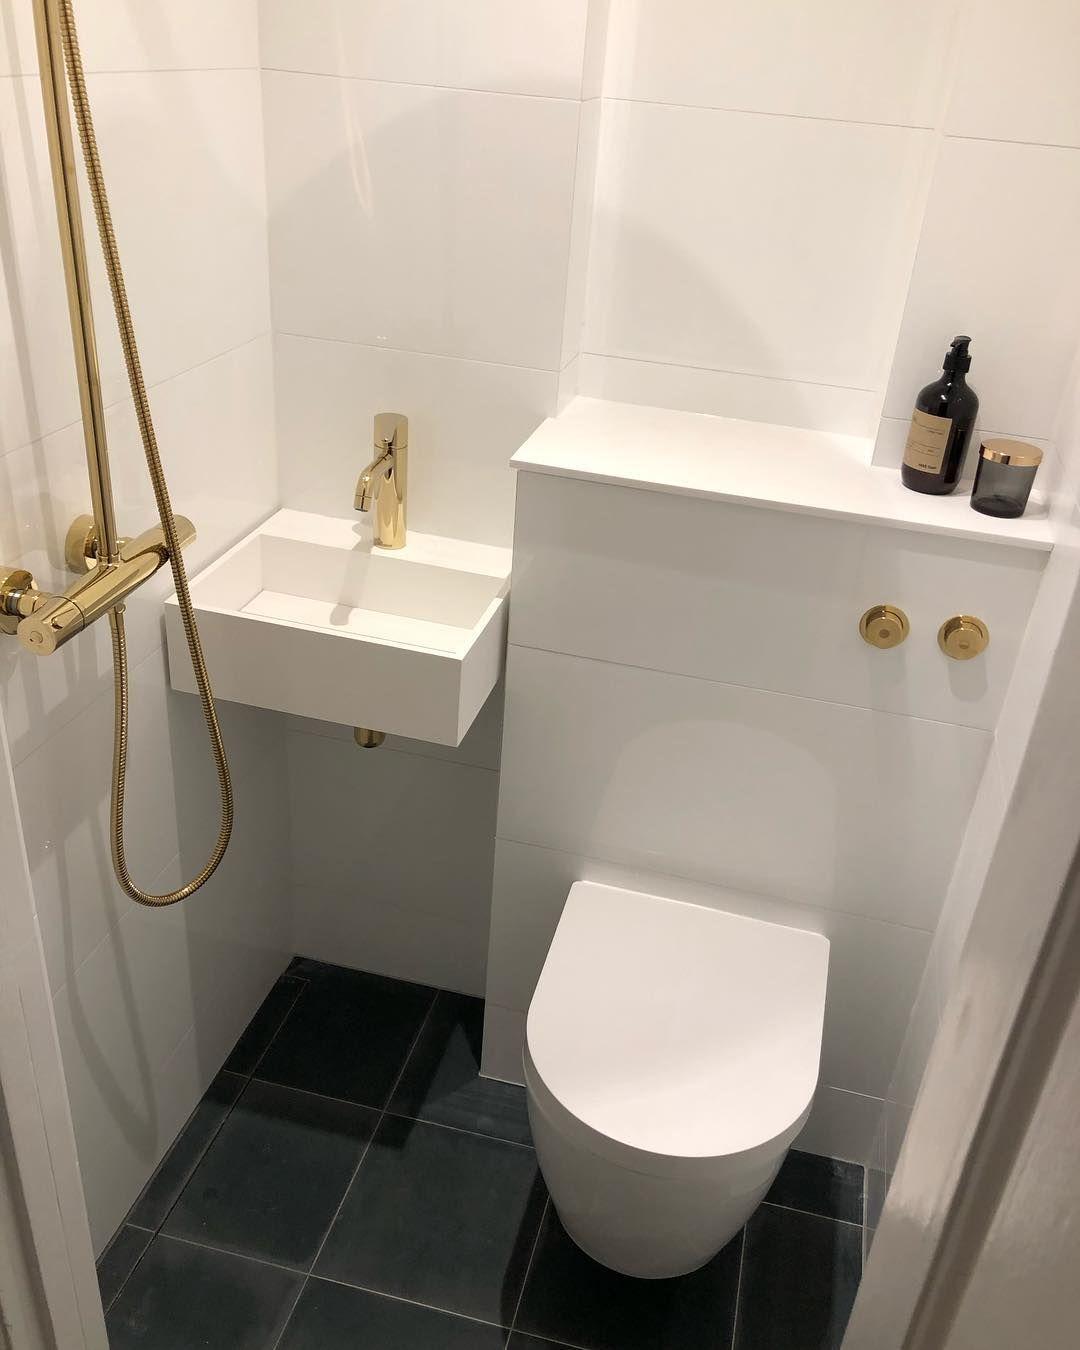 """@dorthe_sb på Instagram: """"Jeg elsker at åbne døren til vores nye badeværelse #focusplus # flothåndværk #bedsteservice # nytbadeværelse # badeværelse # lillebadeværelse…"""" - Welcome to Blog"""